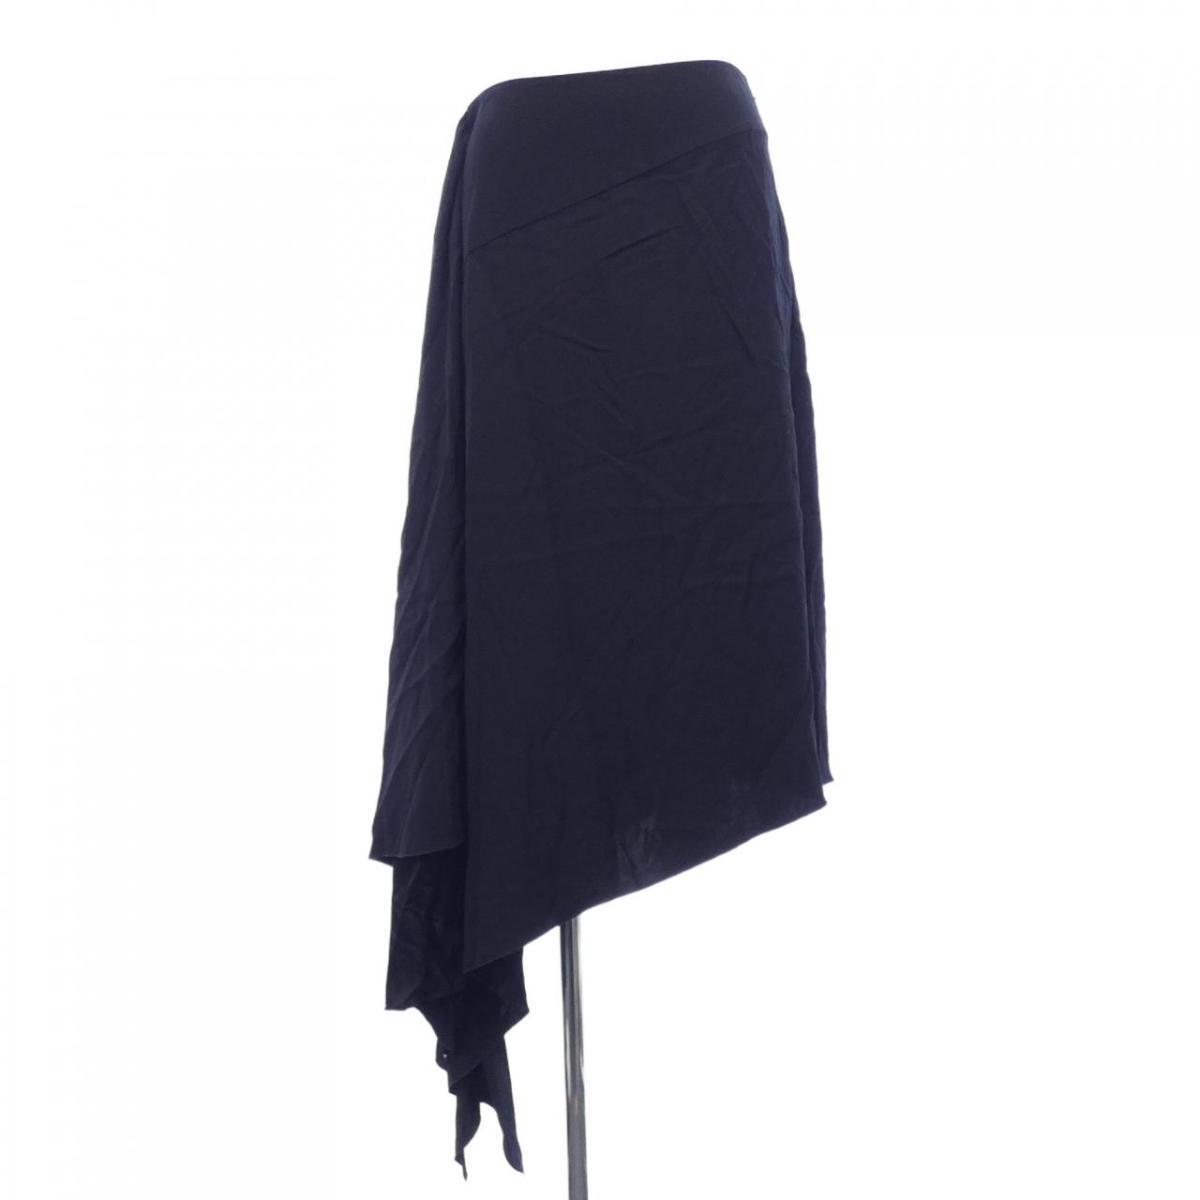 ジバンシー GIVENCHY スカート【中古】